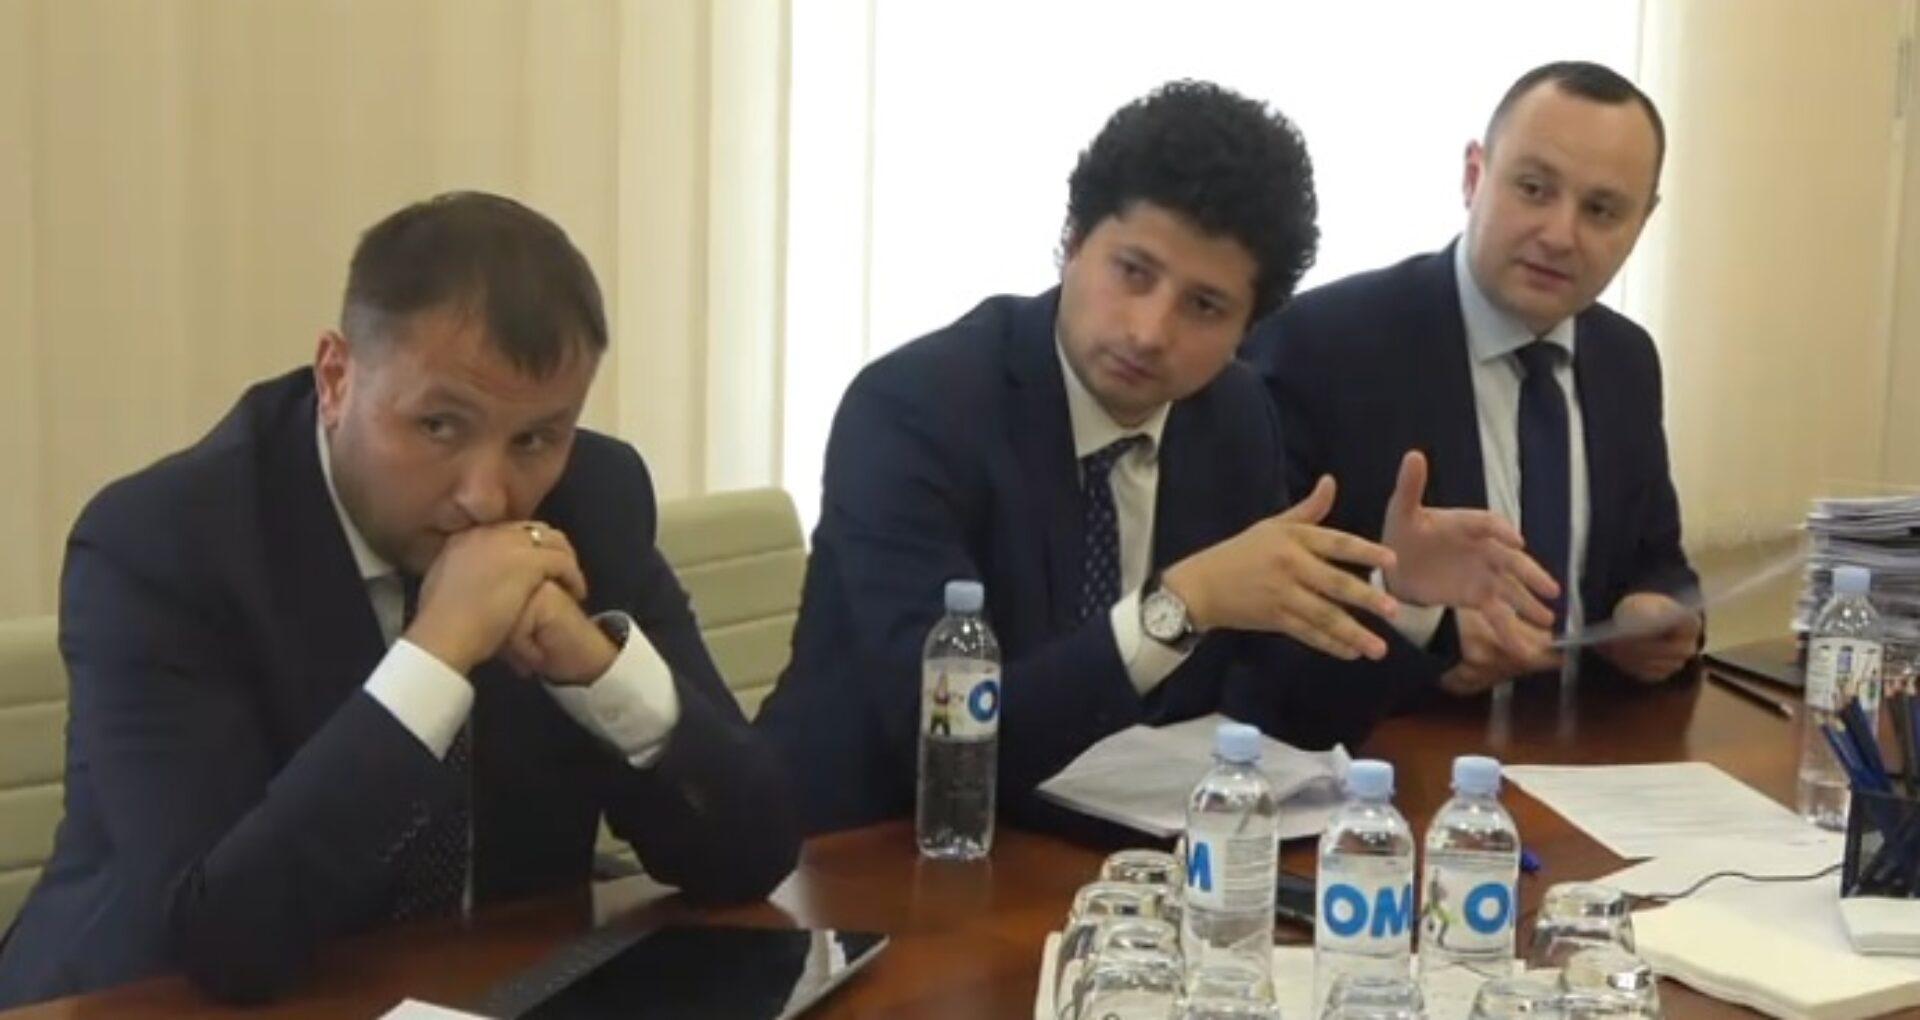 VIDEO/ Prezentarea rapoartelor preliminare privind concesionarea aeroportului și privatizarea Air Moldova